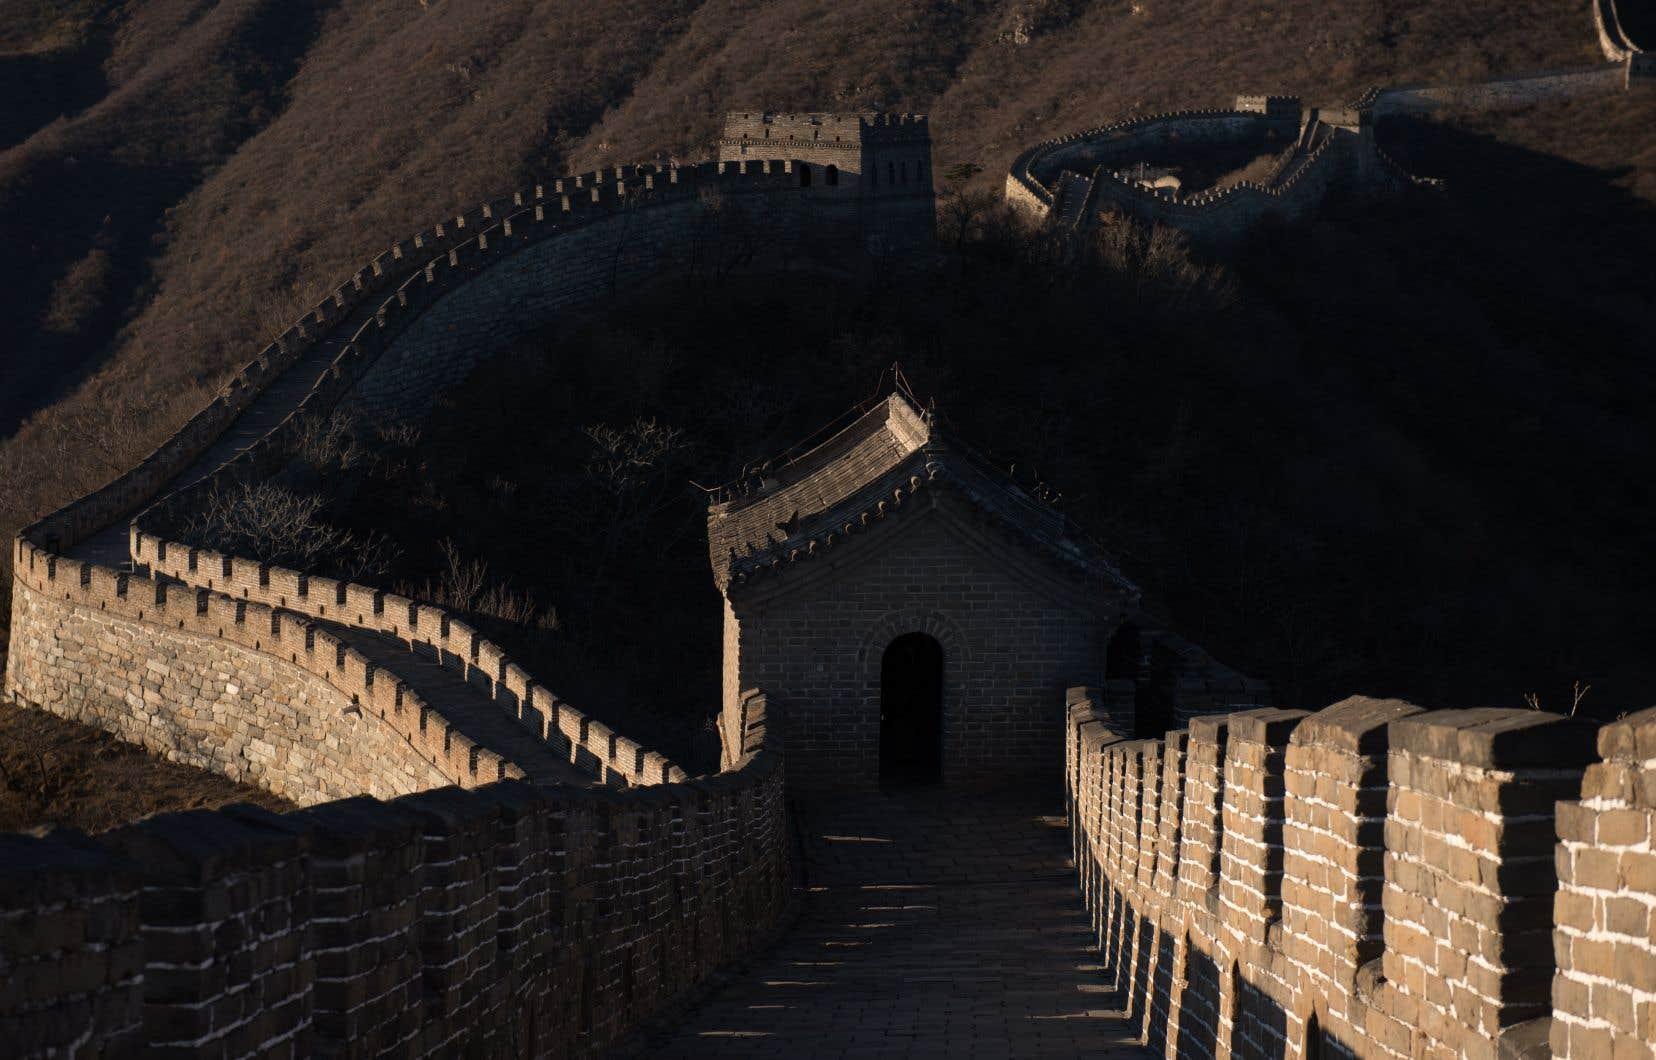 Site symbolique de la Chine et classé au patrimoine mondial de l'Unesco, la Grande Muraille est appréciée des visiteurs durant les congés du Nouvel An chinois. Elle attire au total quelque dix millions de touristes par an.